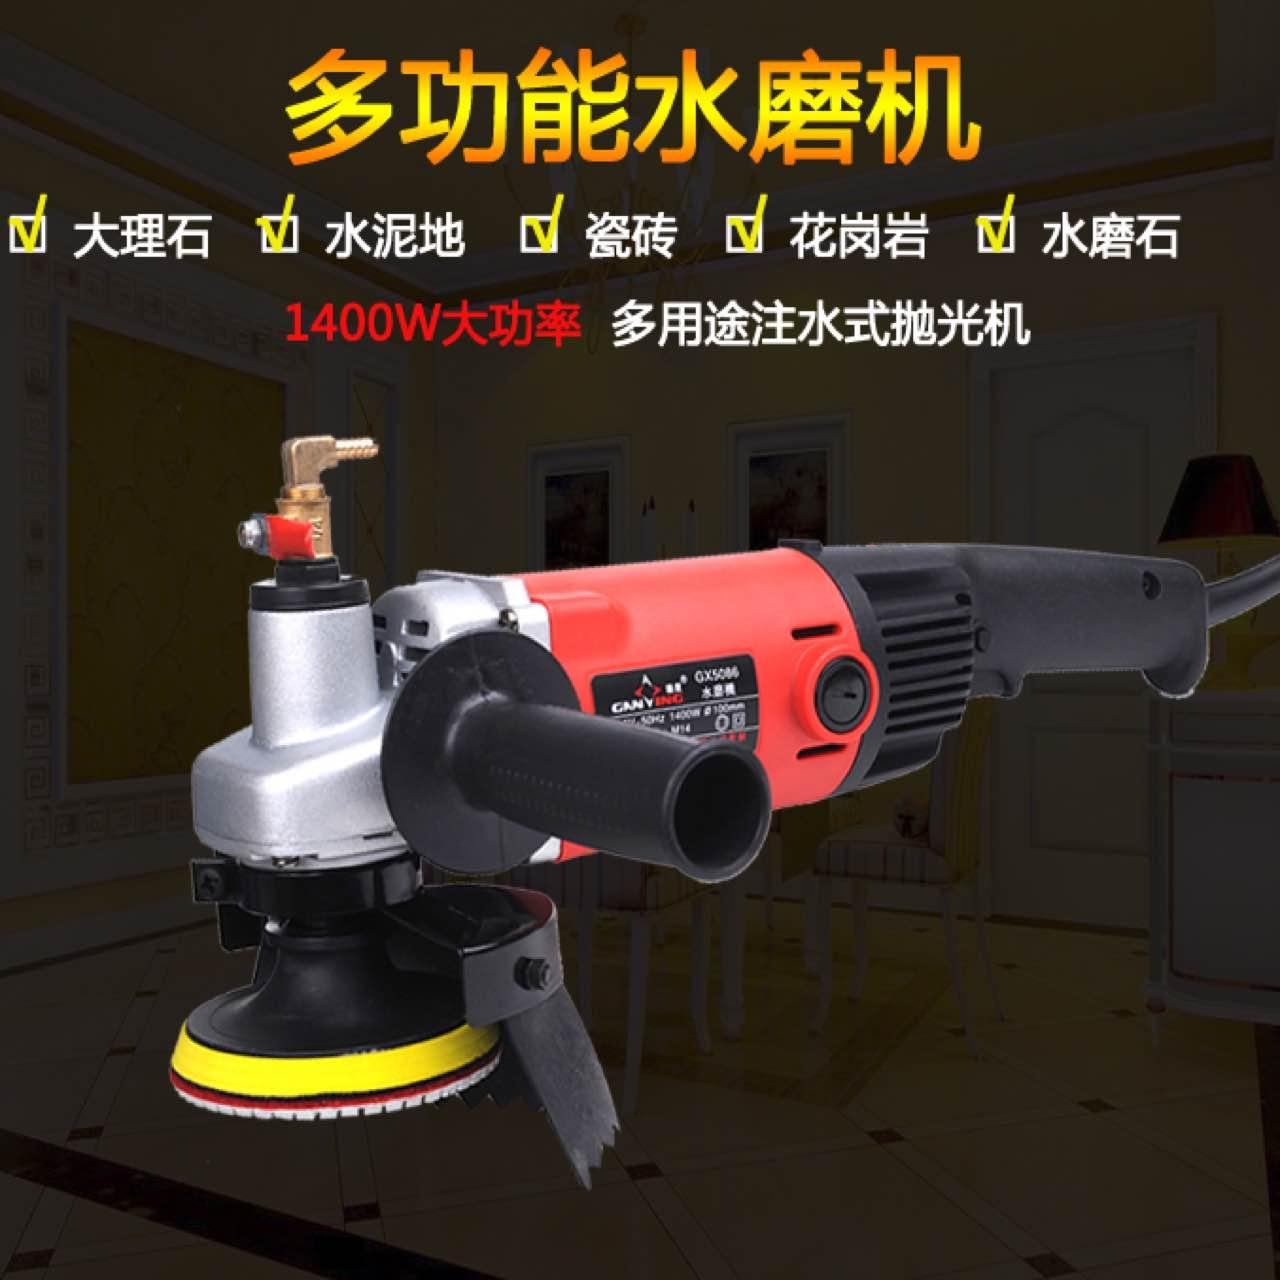 大功率水磨机注水式抛光机大理石瓷砖水泥地面石材翻新打磨机电动